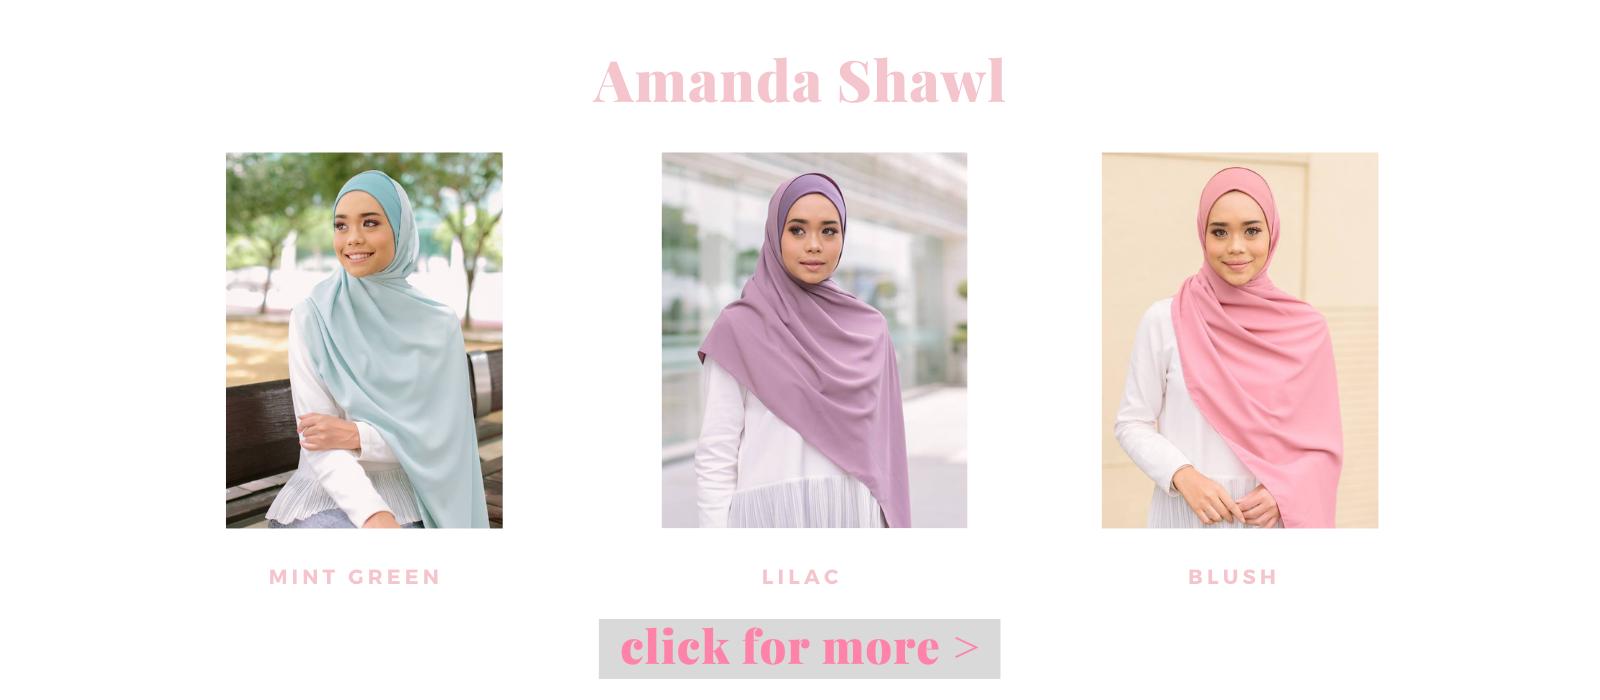 Amanda Shawl